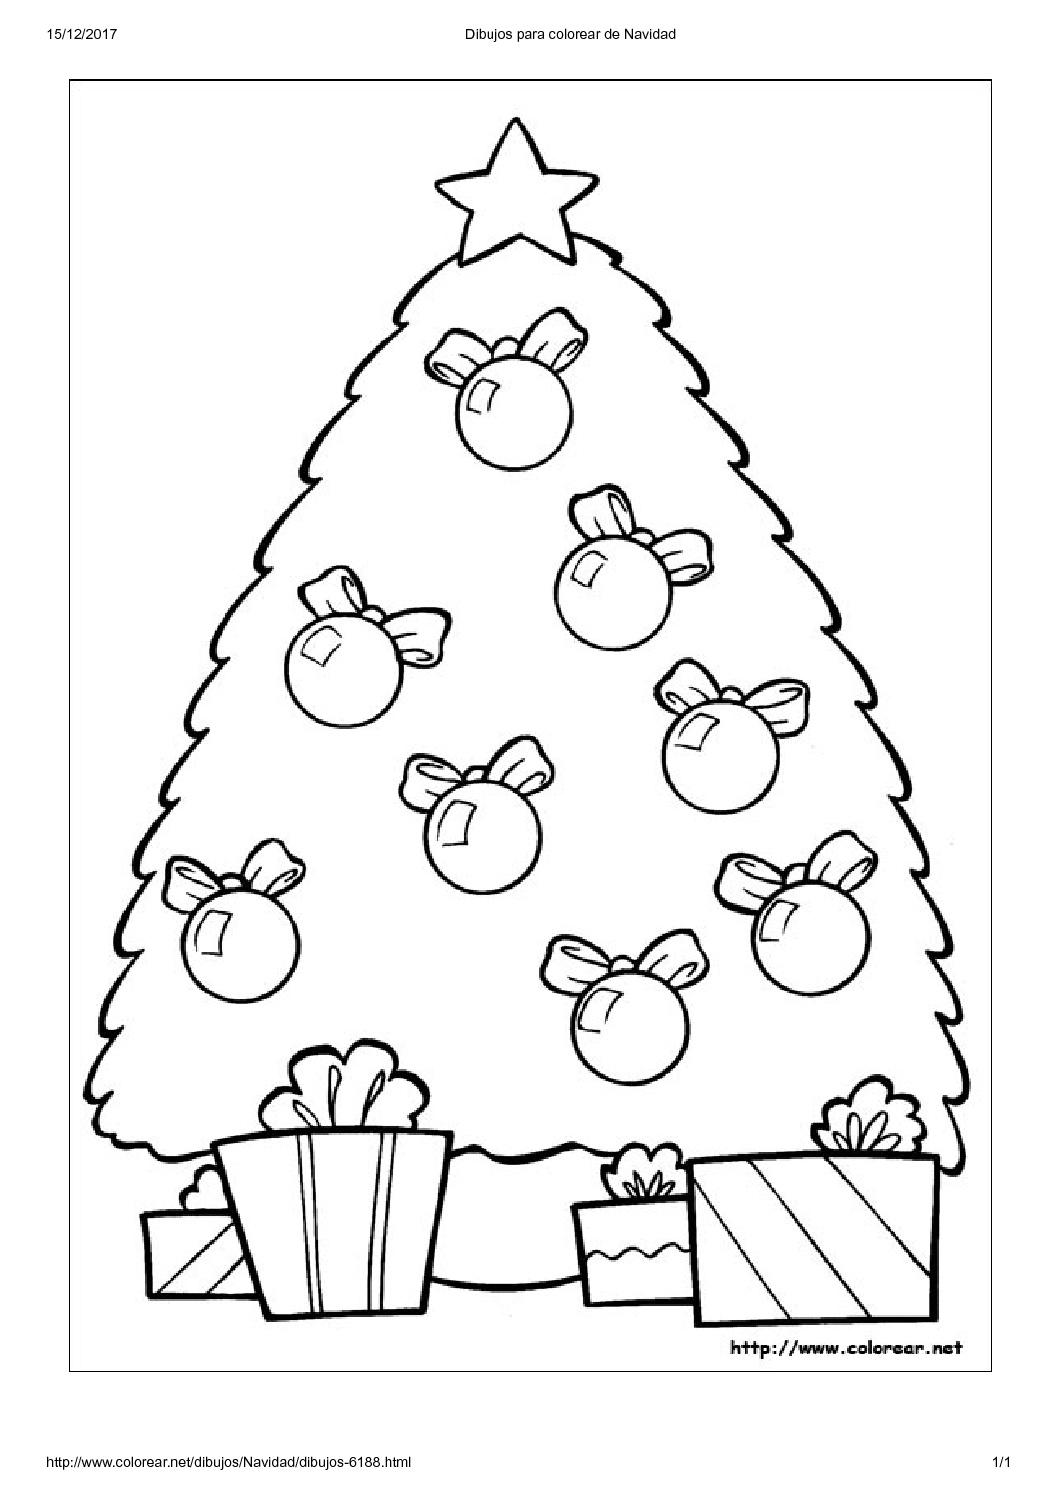 Niñeras en Madrid | Dibujos para colorear de Navidad9 - Care For Kids